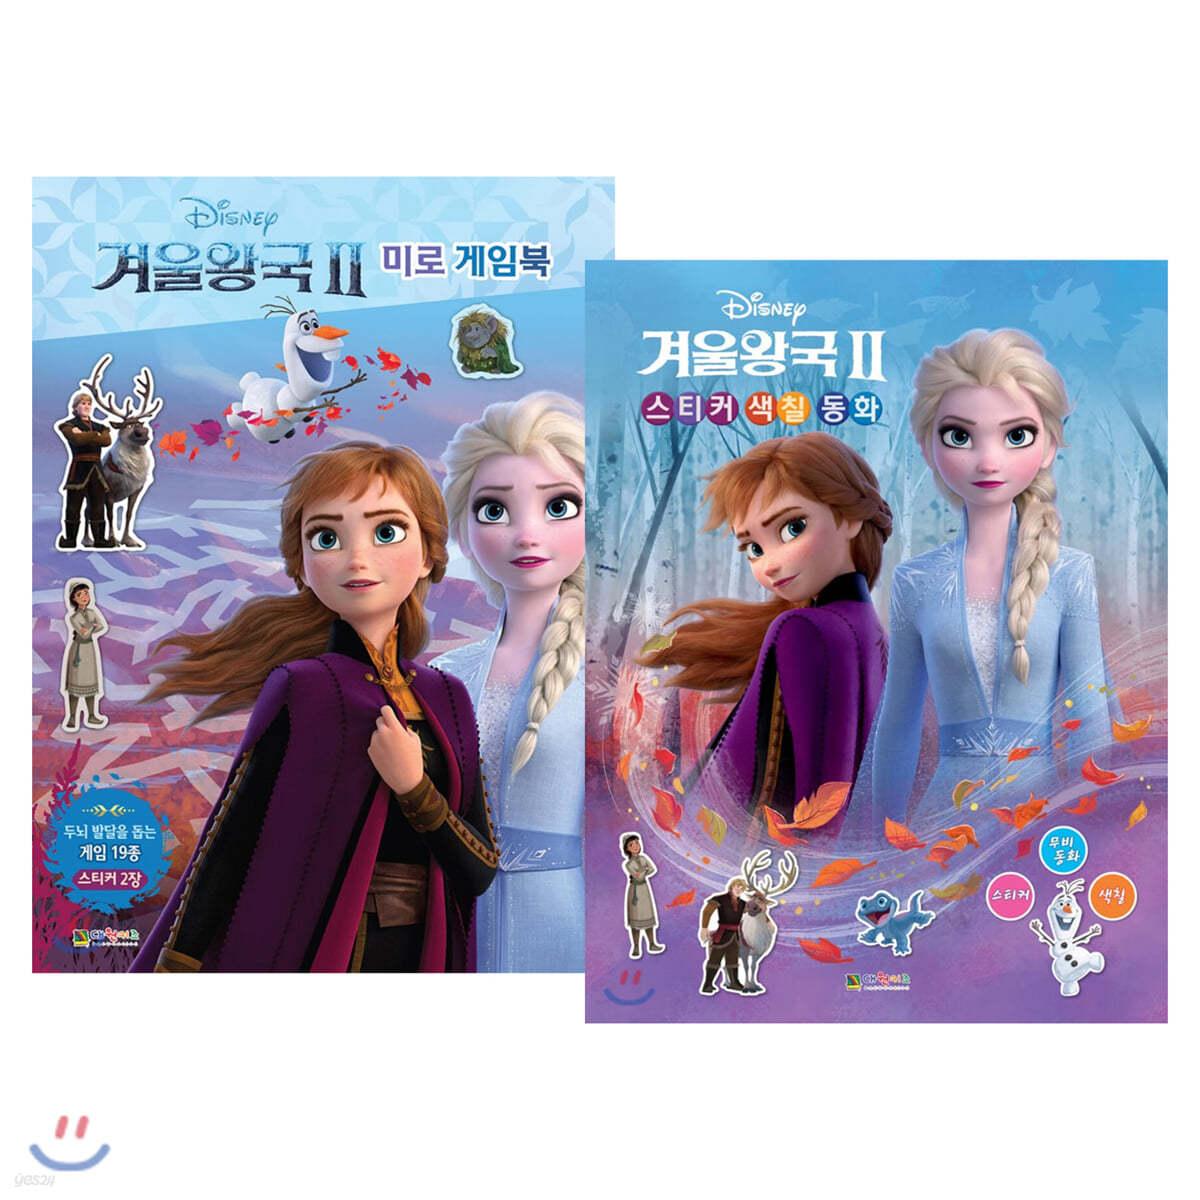 디즈니 겨울왕국 2 미로 게임북 + 스티커 색칠 동화